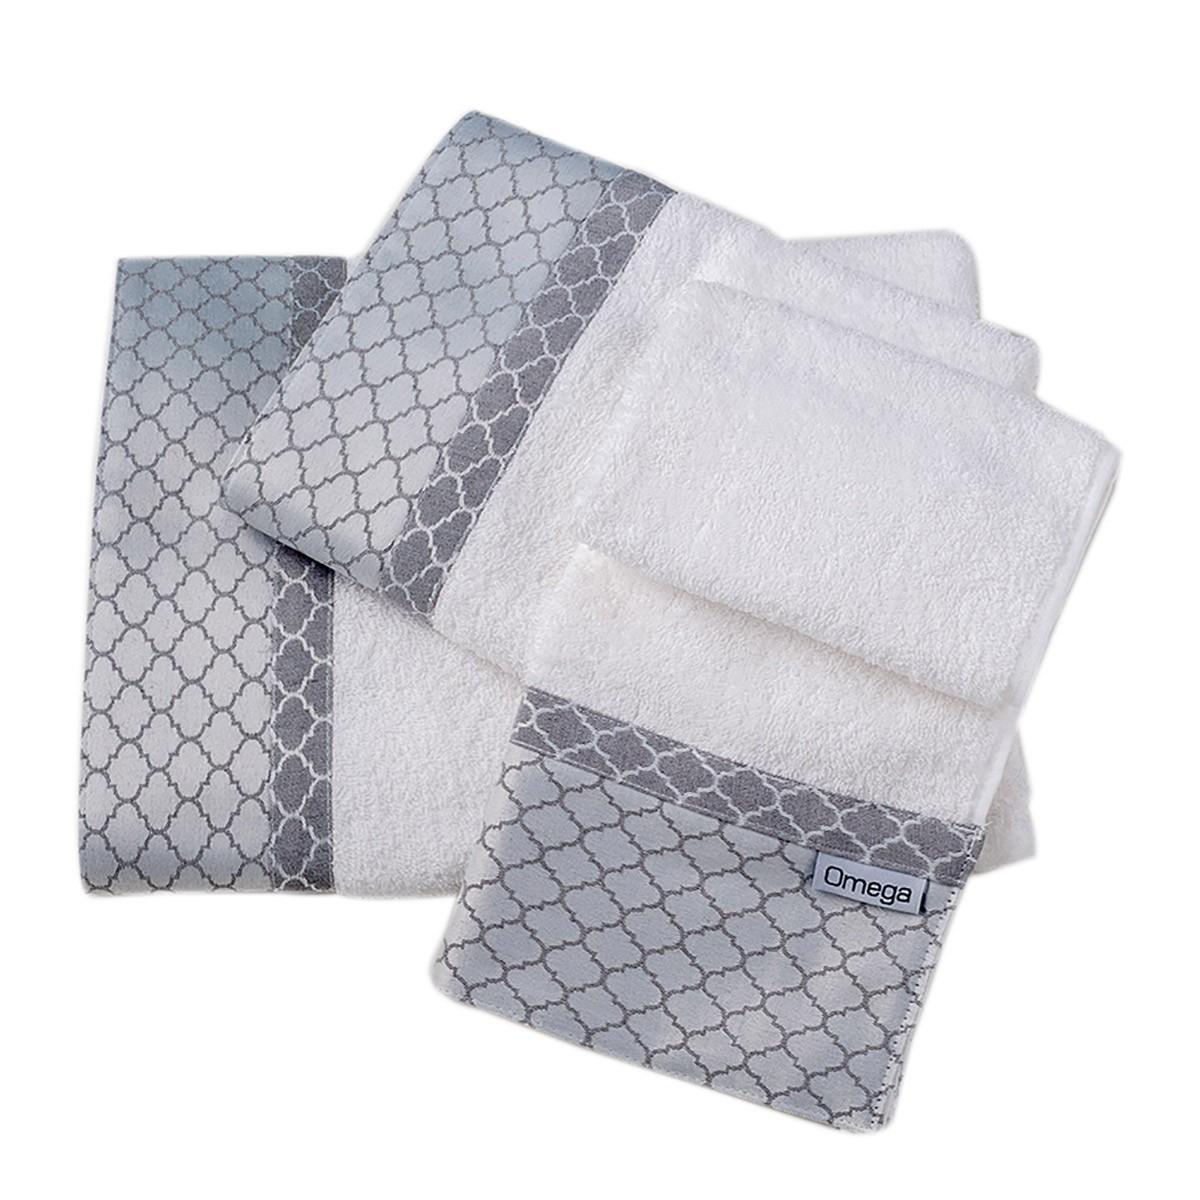 Πετσέτες Μπάνιου (Σετ 3τμχ) Omega Home Des 123